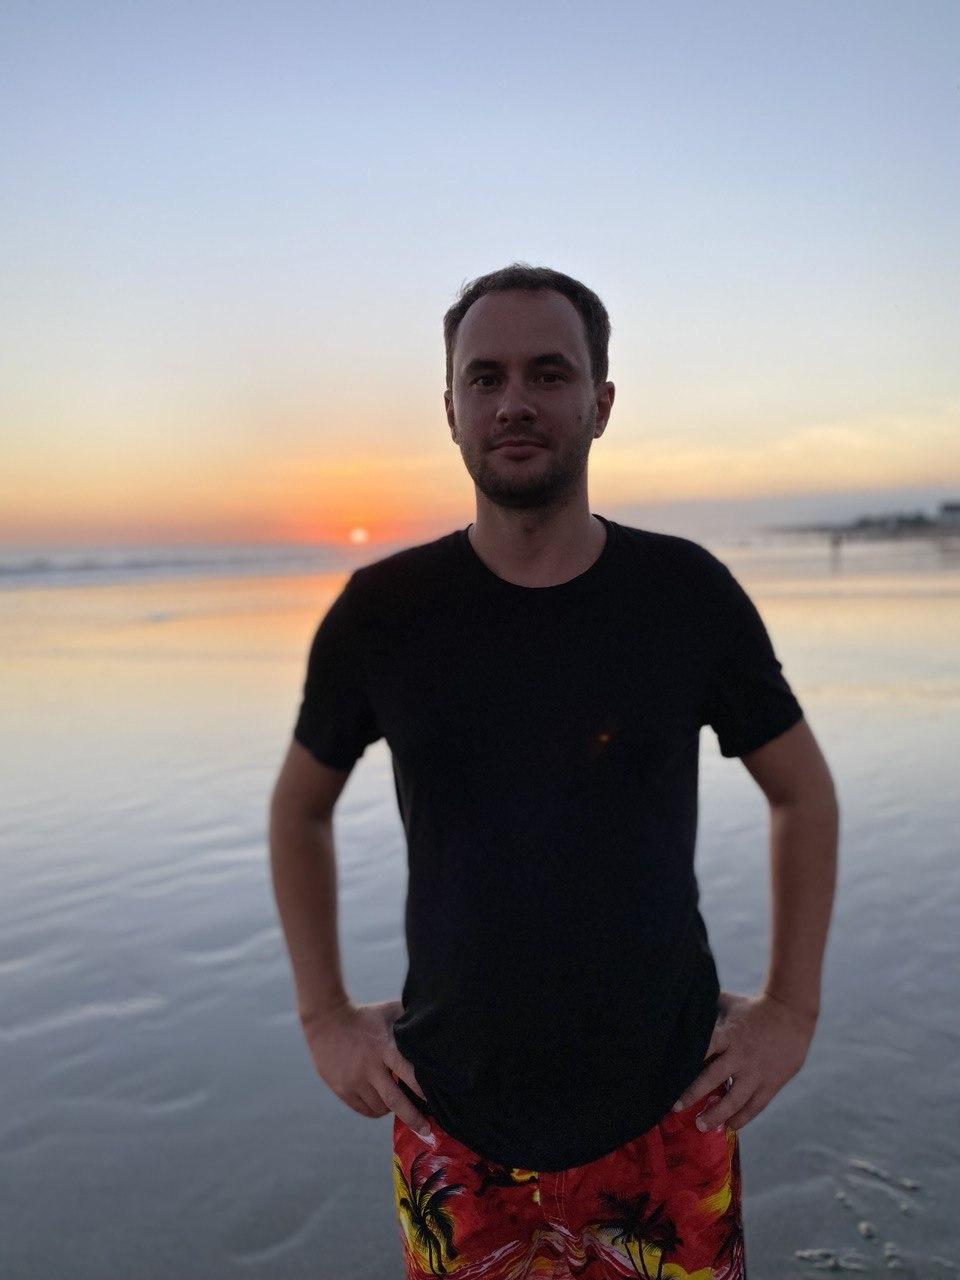 Владимир Бондарчук. Улетел работать удаленно на Бали уже второй раз